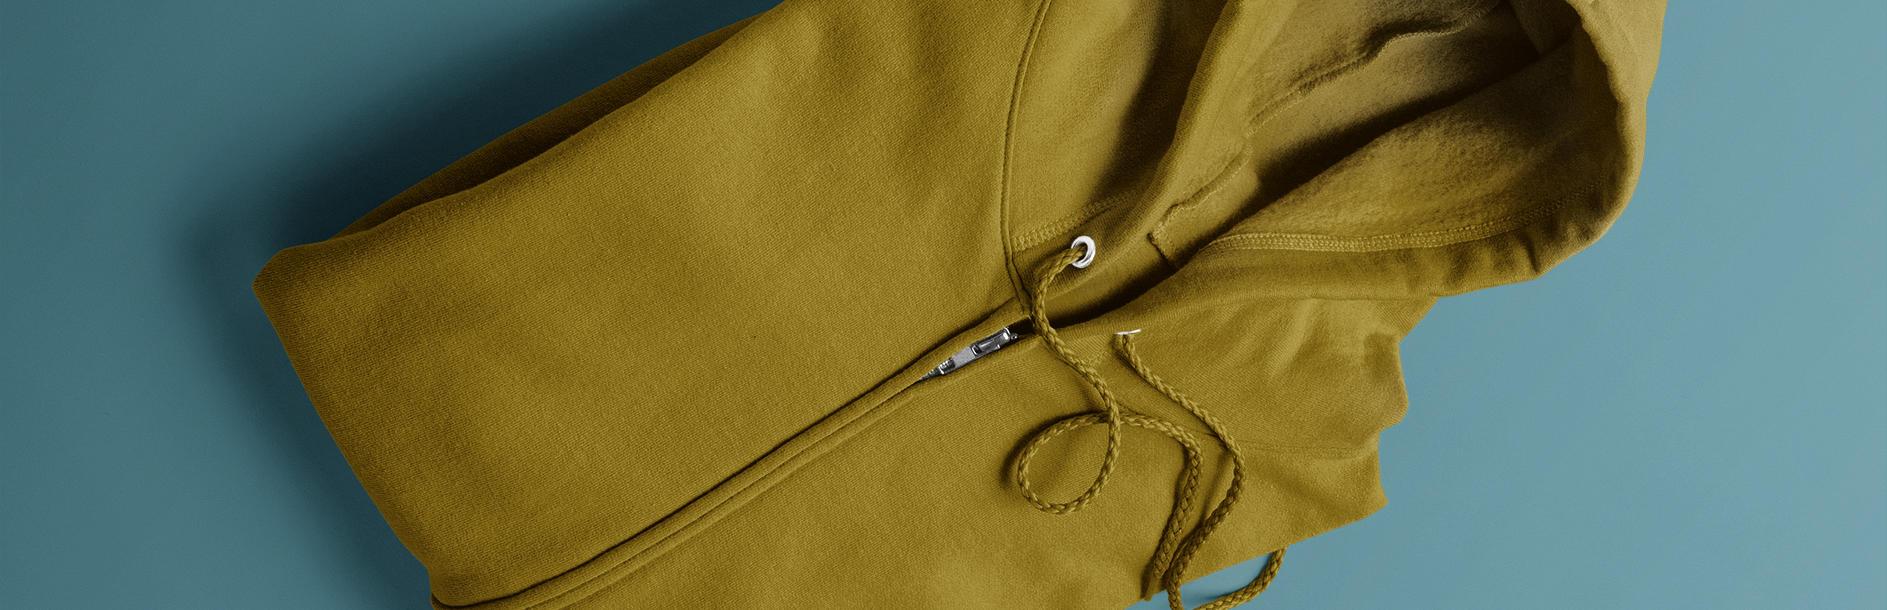 support textile publicitaire pour une marque